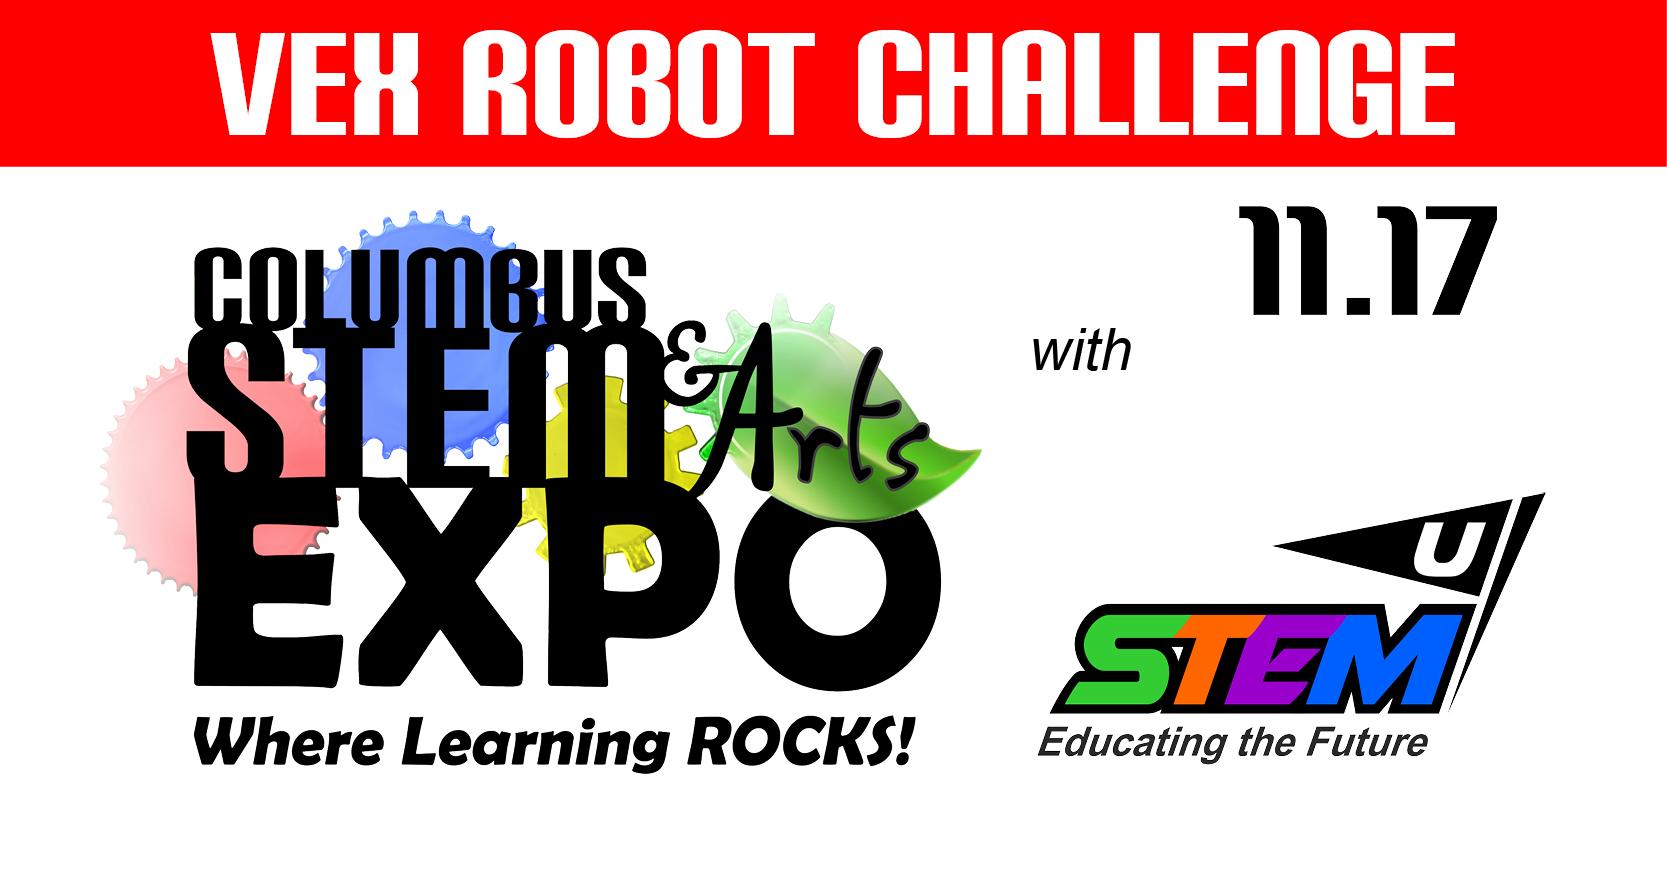 Vex Robot Challenge